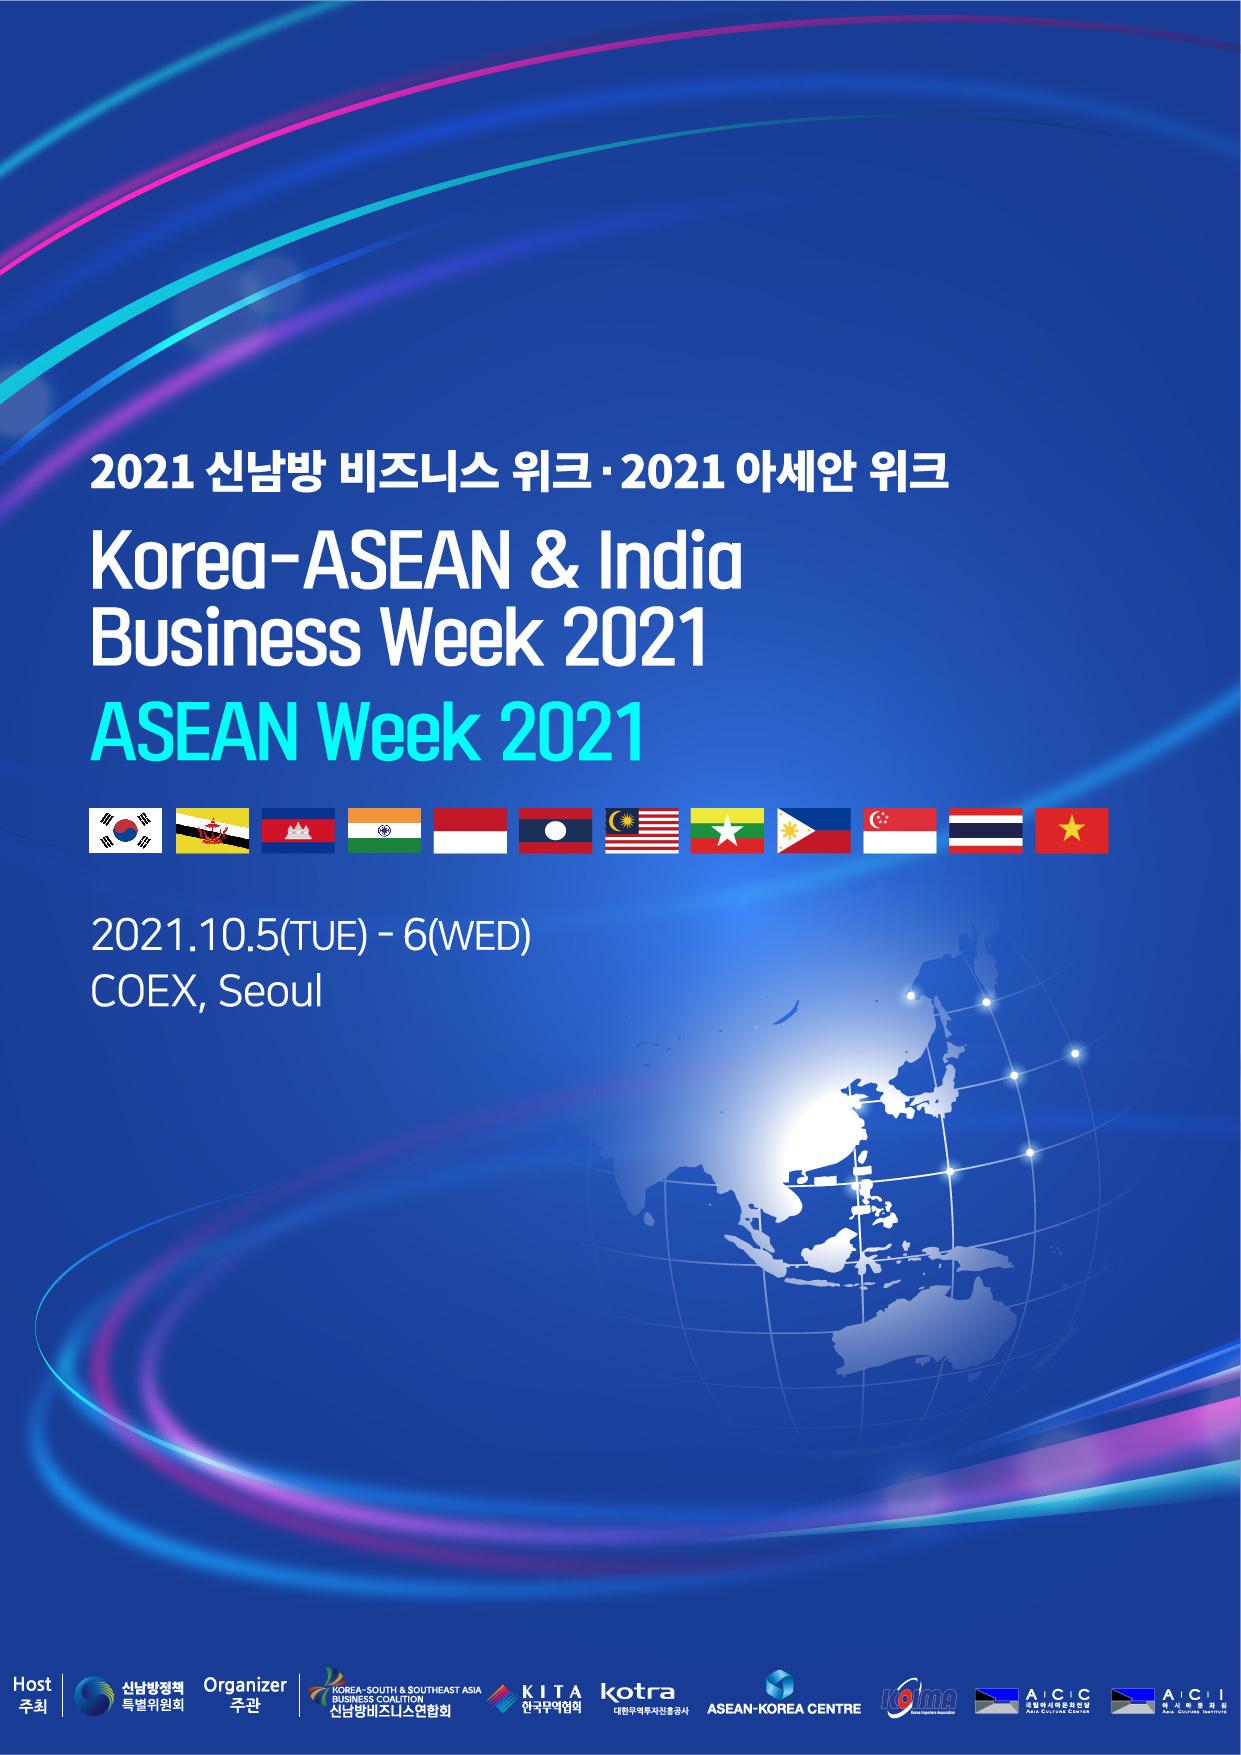 A poster for ASEAN week 2021 (ASEAN-Korea Centre)